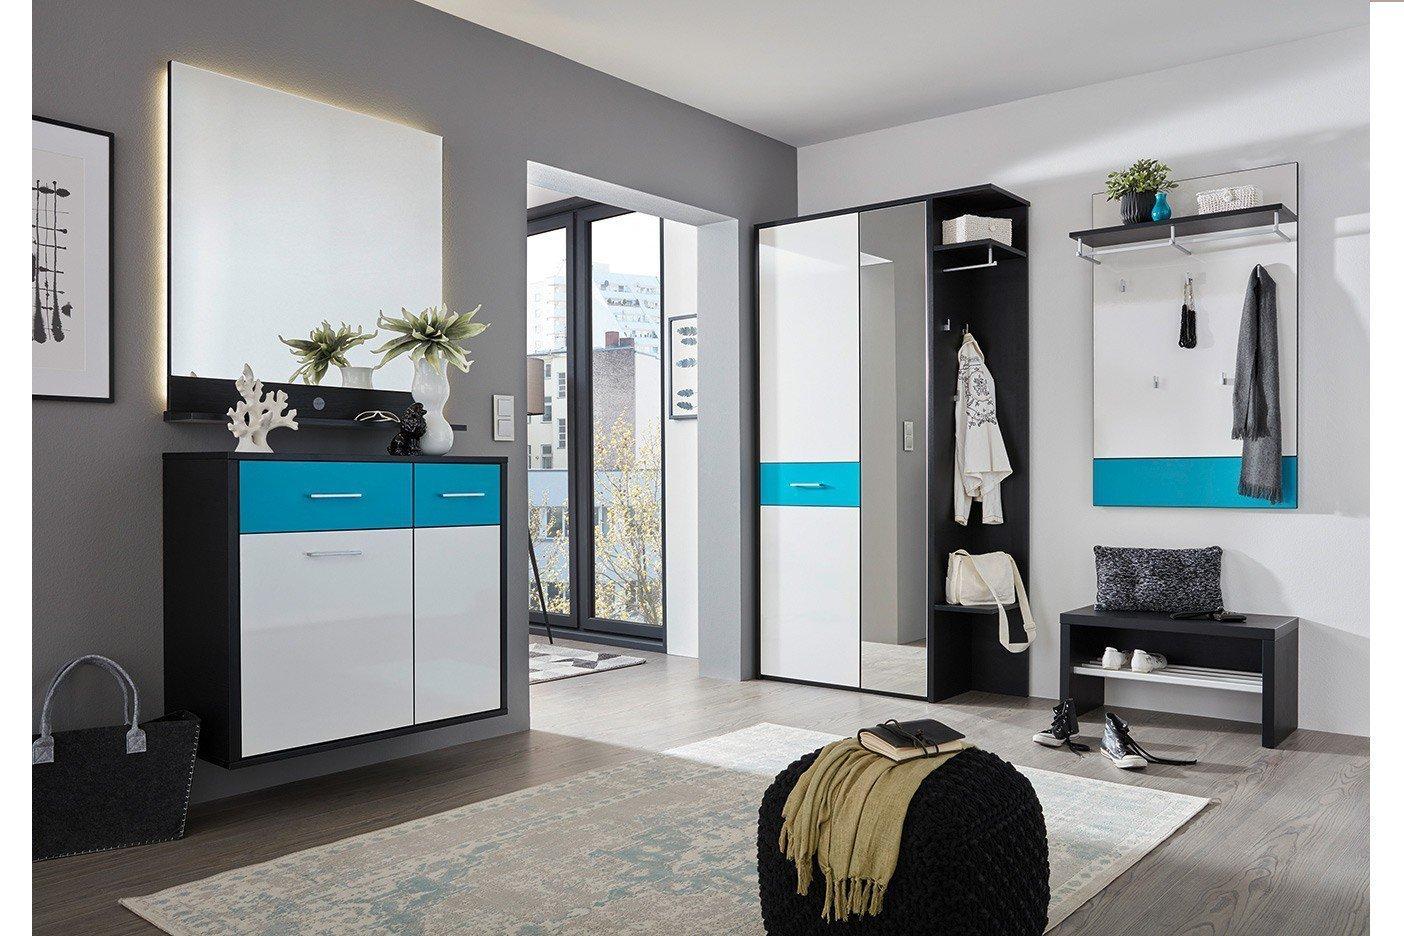 Garderobe Kiel Plus in Struktur schwarz & Petrol von Prenneis ...